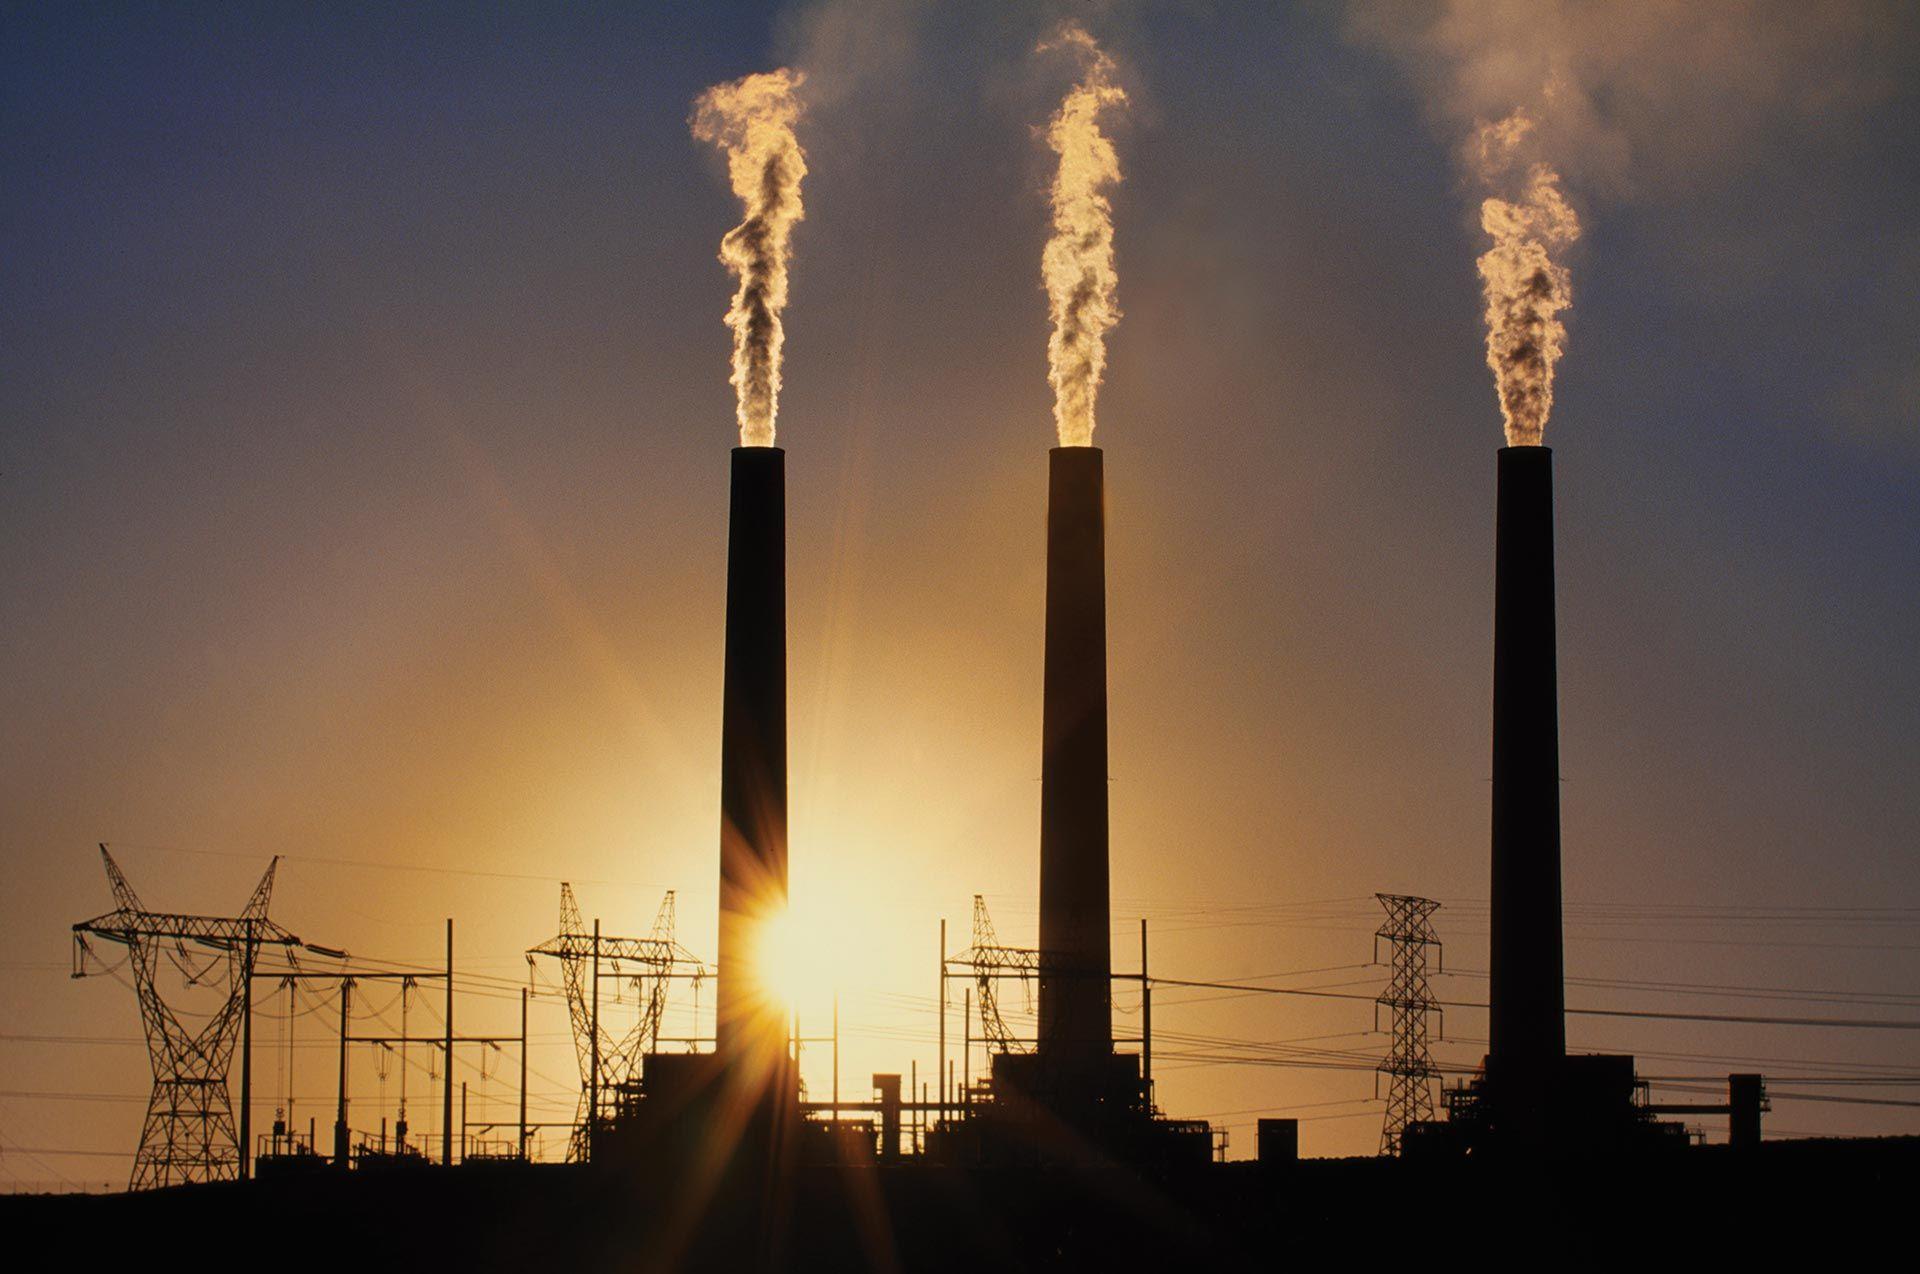 PURIFICACION DE AIRE AIRLIFE TE DICE  Cuando inhalas cantidades microscópicas de materia de partícula-también conocida como hollín-las partículas finas pueden adentrarse en tus pulmones y perjudicar su funcionamiento. La mayoría de emisiones de partículas resultan de la quema de combustibles fósiles--carbón, petróleo, diesel, gasolina-o madera. Las plantas viejas de carbón, las calderas industriales, los vehículos de diesel y gasolina y los hornos de madera son algunos de los mayores…